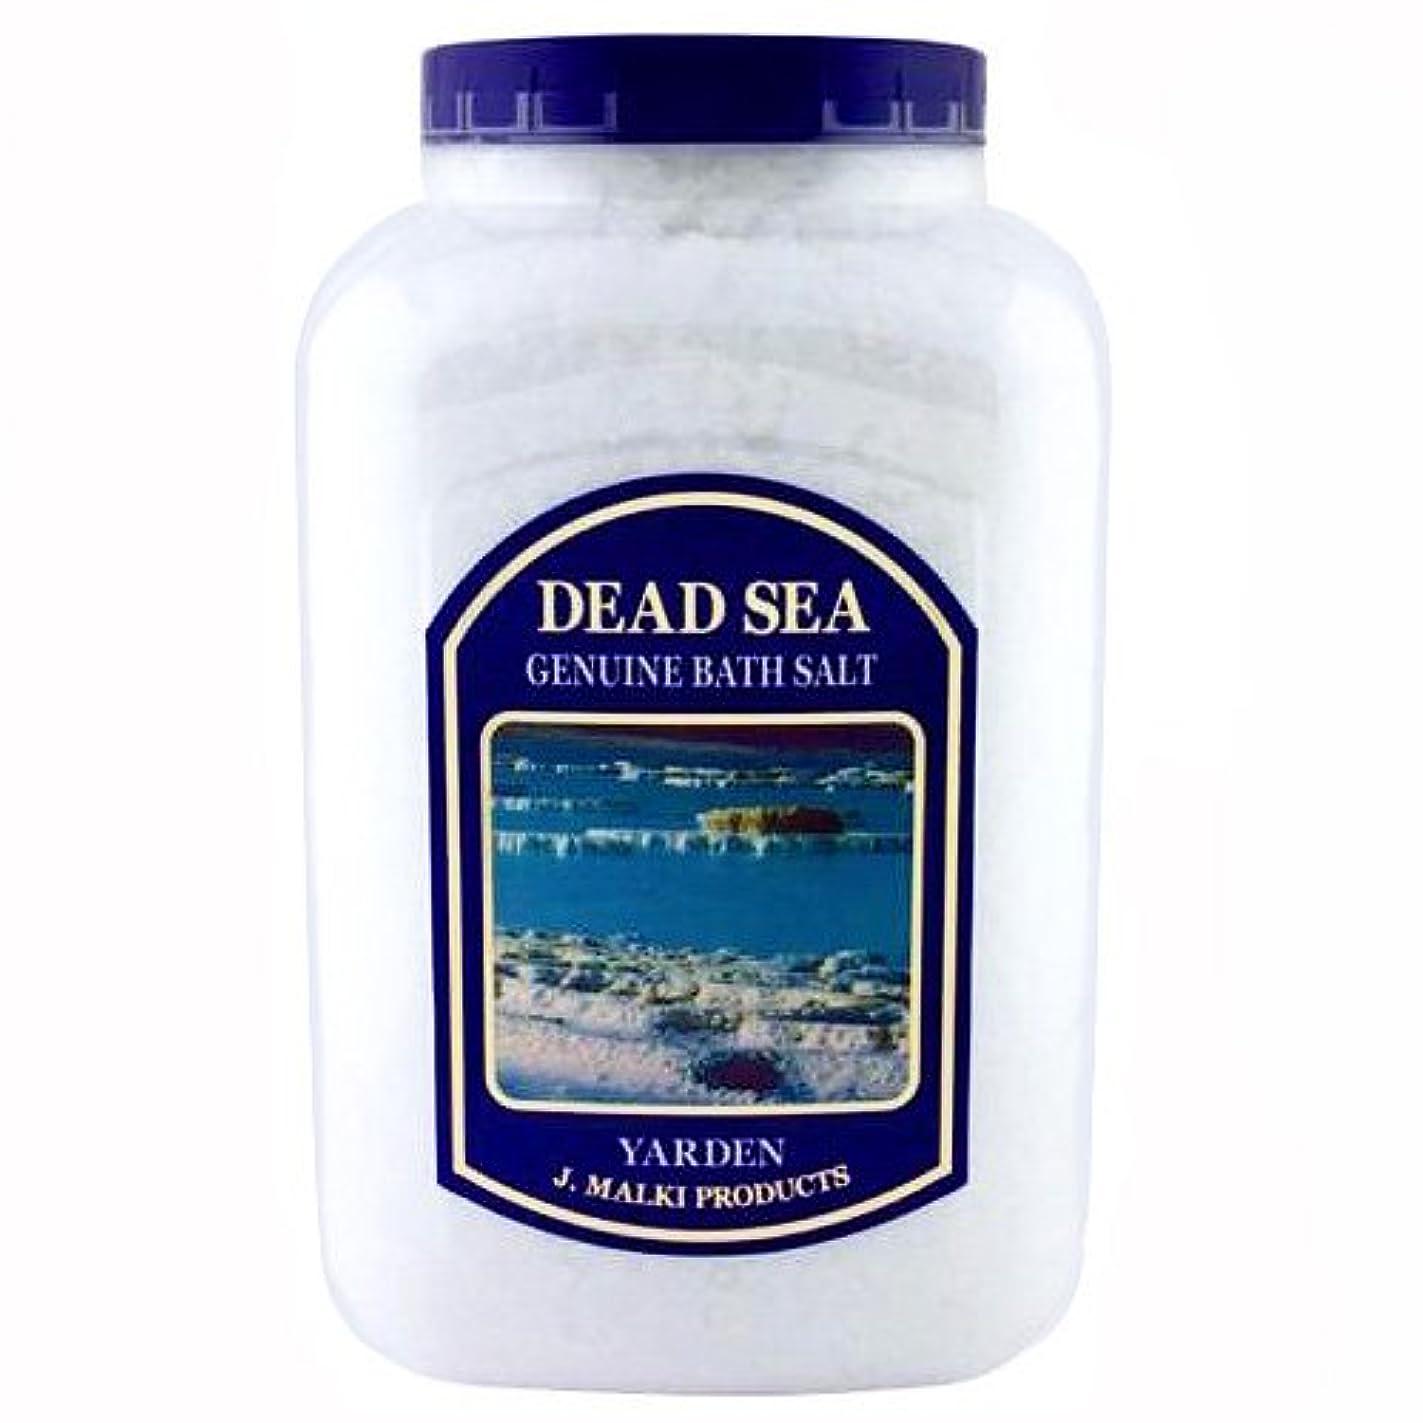 コメントすぐに巻き戻すデッドシー?バスソルト 4.5kg(約45回分)【DEAD SEA BATH SALT】死海の塩/入浴剤(入浴用化粧品)【正規販売店】